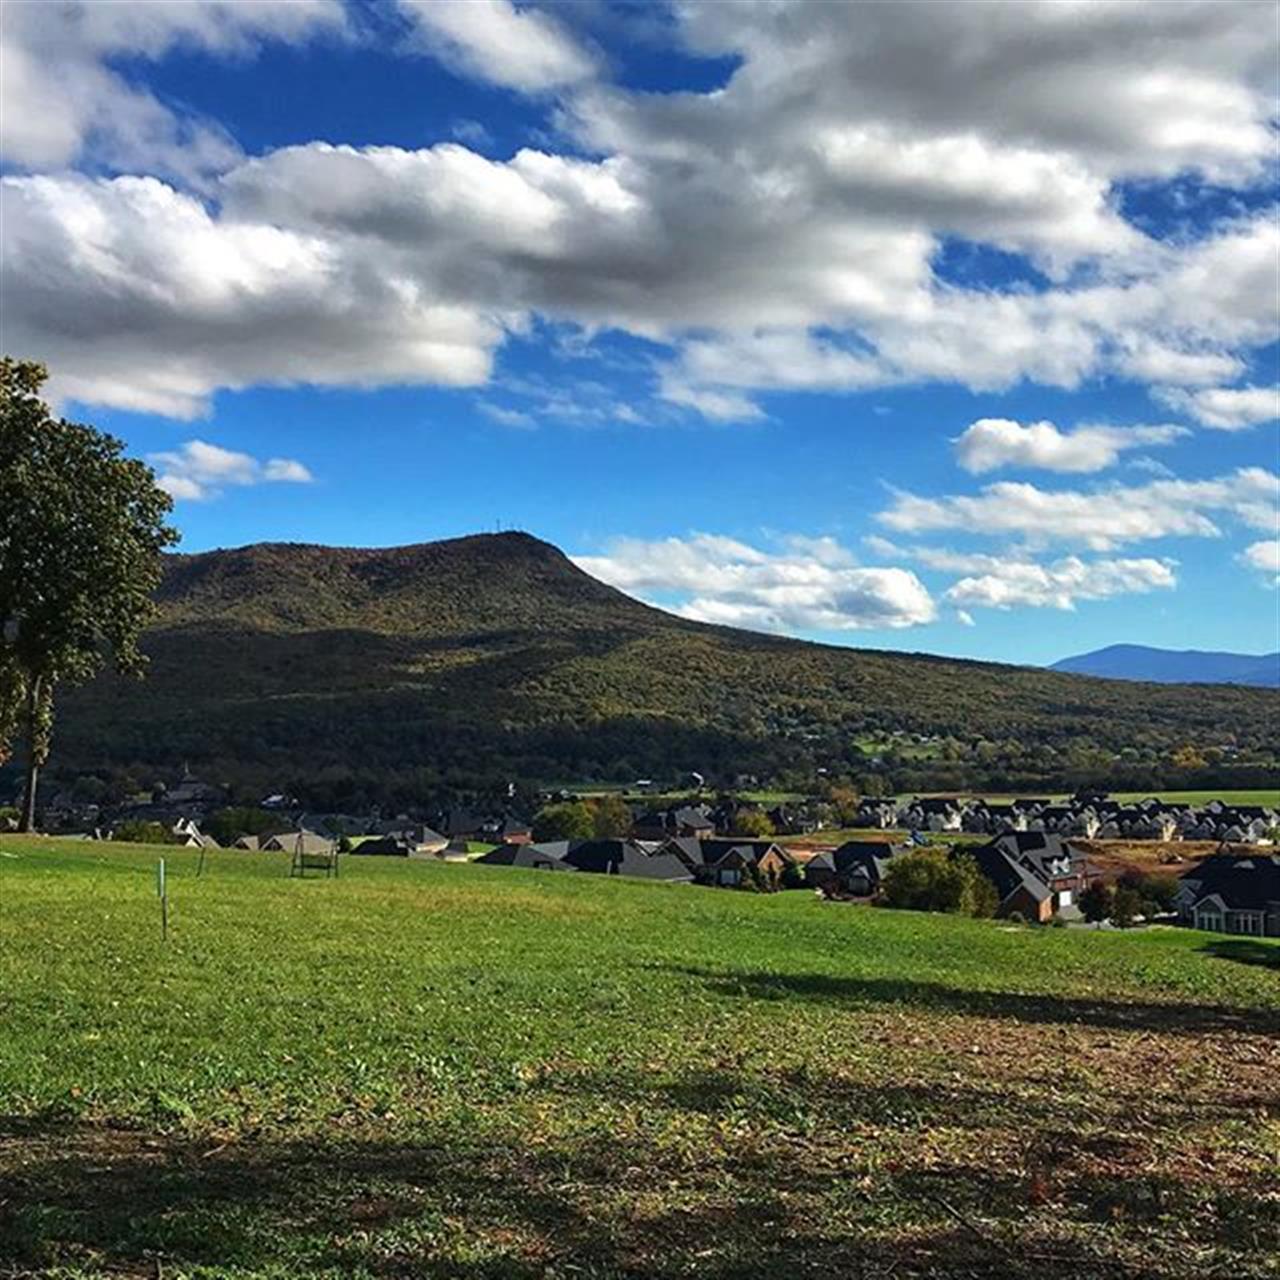 Afternoon views! #massanutten #virginia #shenandoahvalley #crossroadsfarm #leadingrelocal #harrisonburg